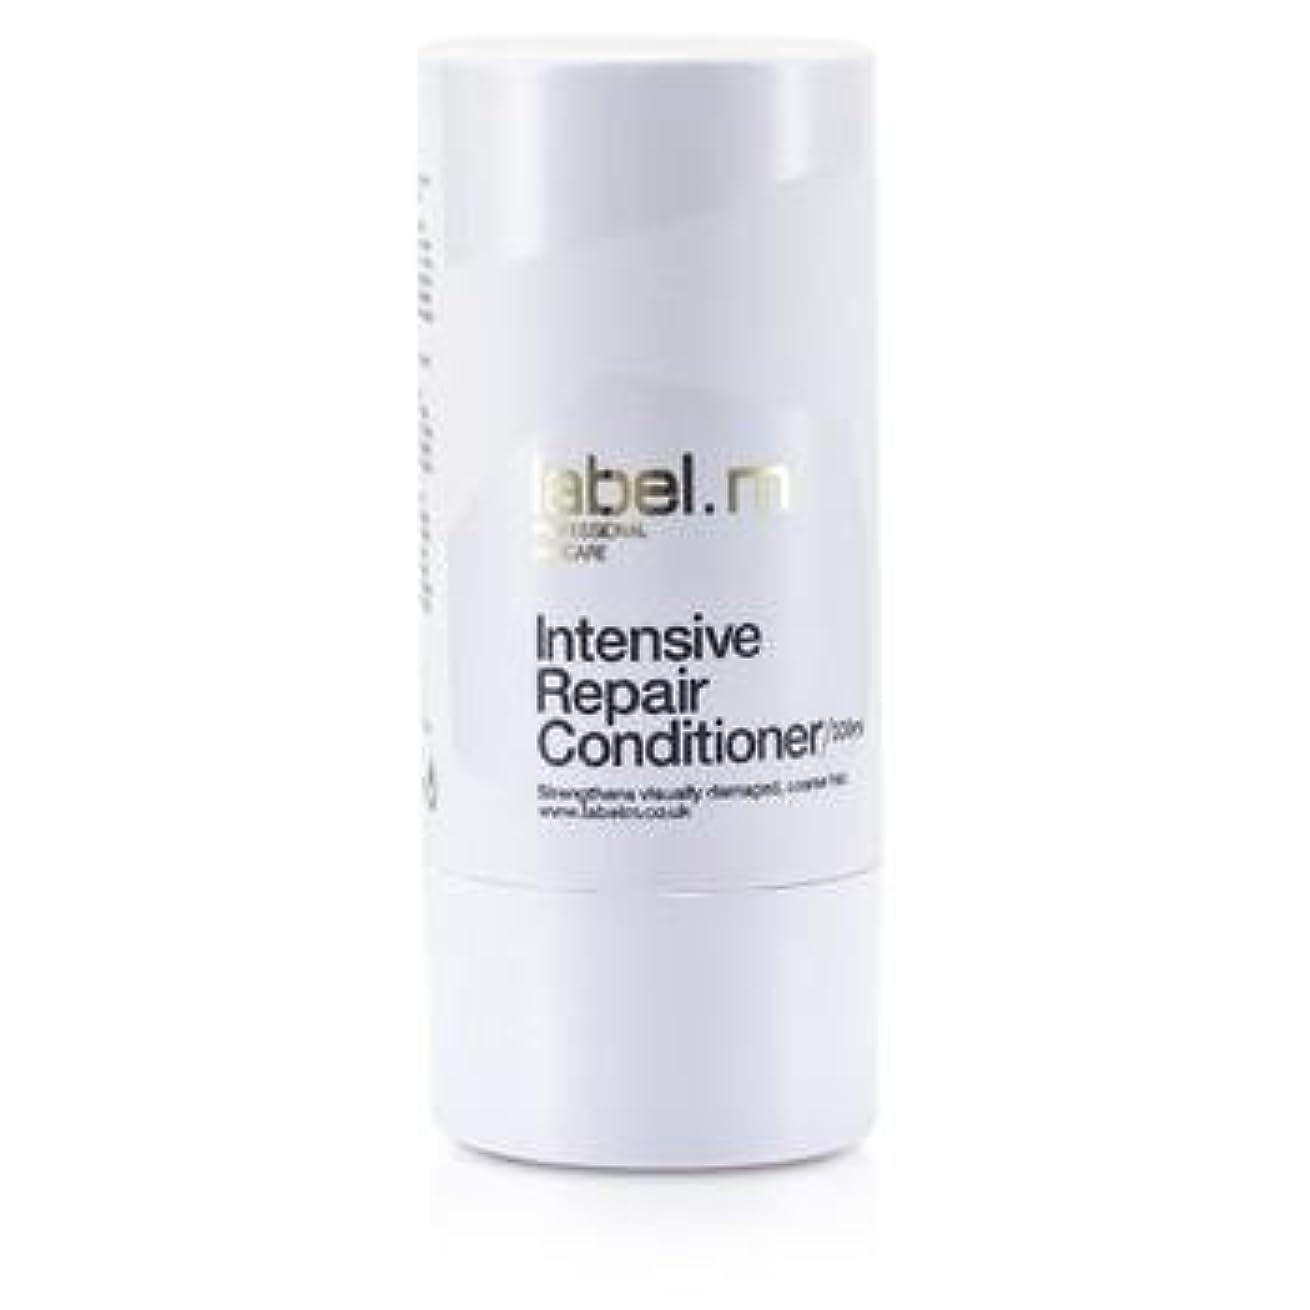 に向けて出発クルーローストLabel MIntensive Repair Conditioner (For Visually Damaged, Coarse Hair) 300ml/10.1oz【海外直送品】